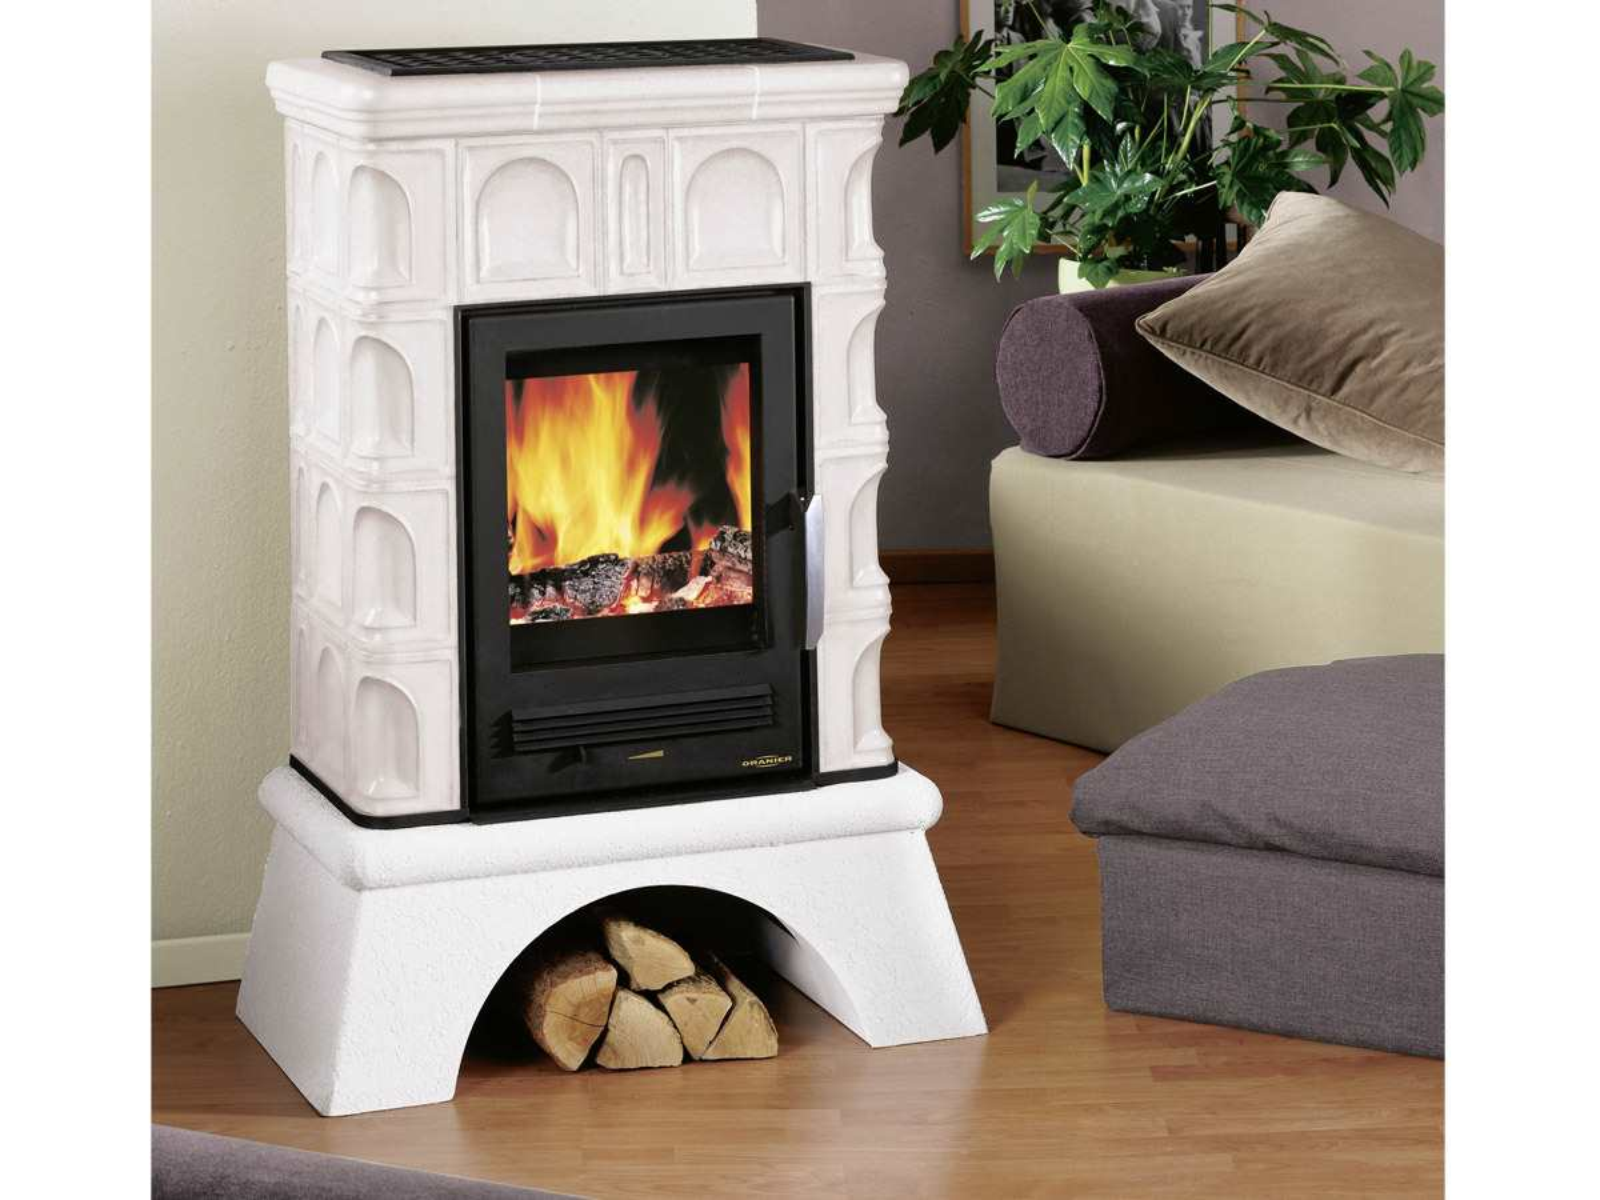 oranier patrona preisvergleich kamin g nstig kaufen bei. Black Bedroom Furniture Sets. Home Design Ideas